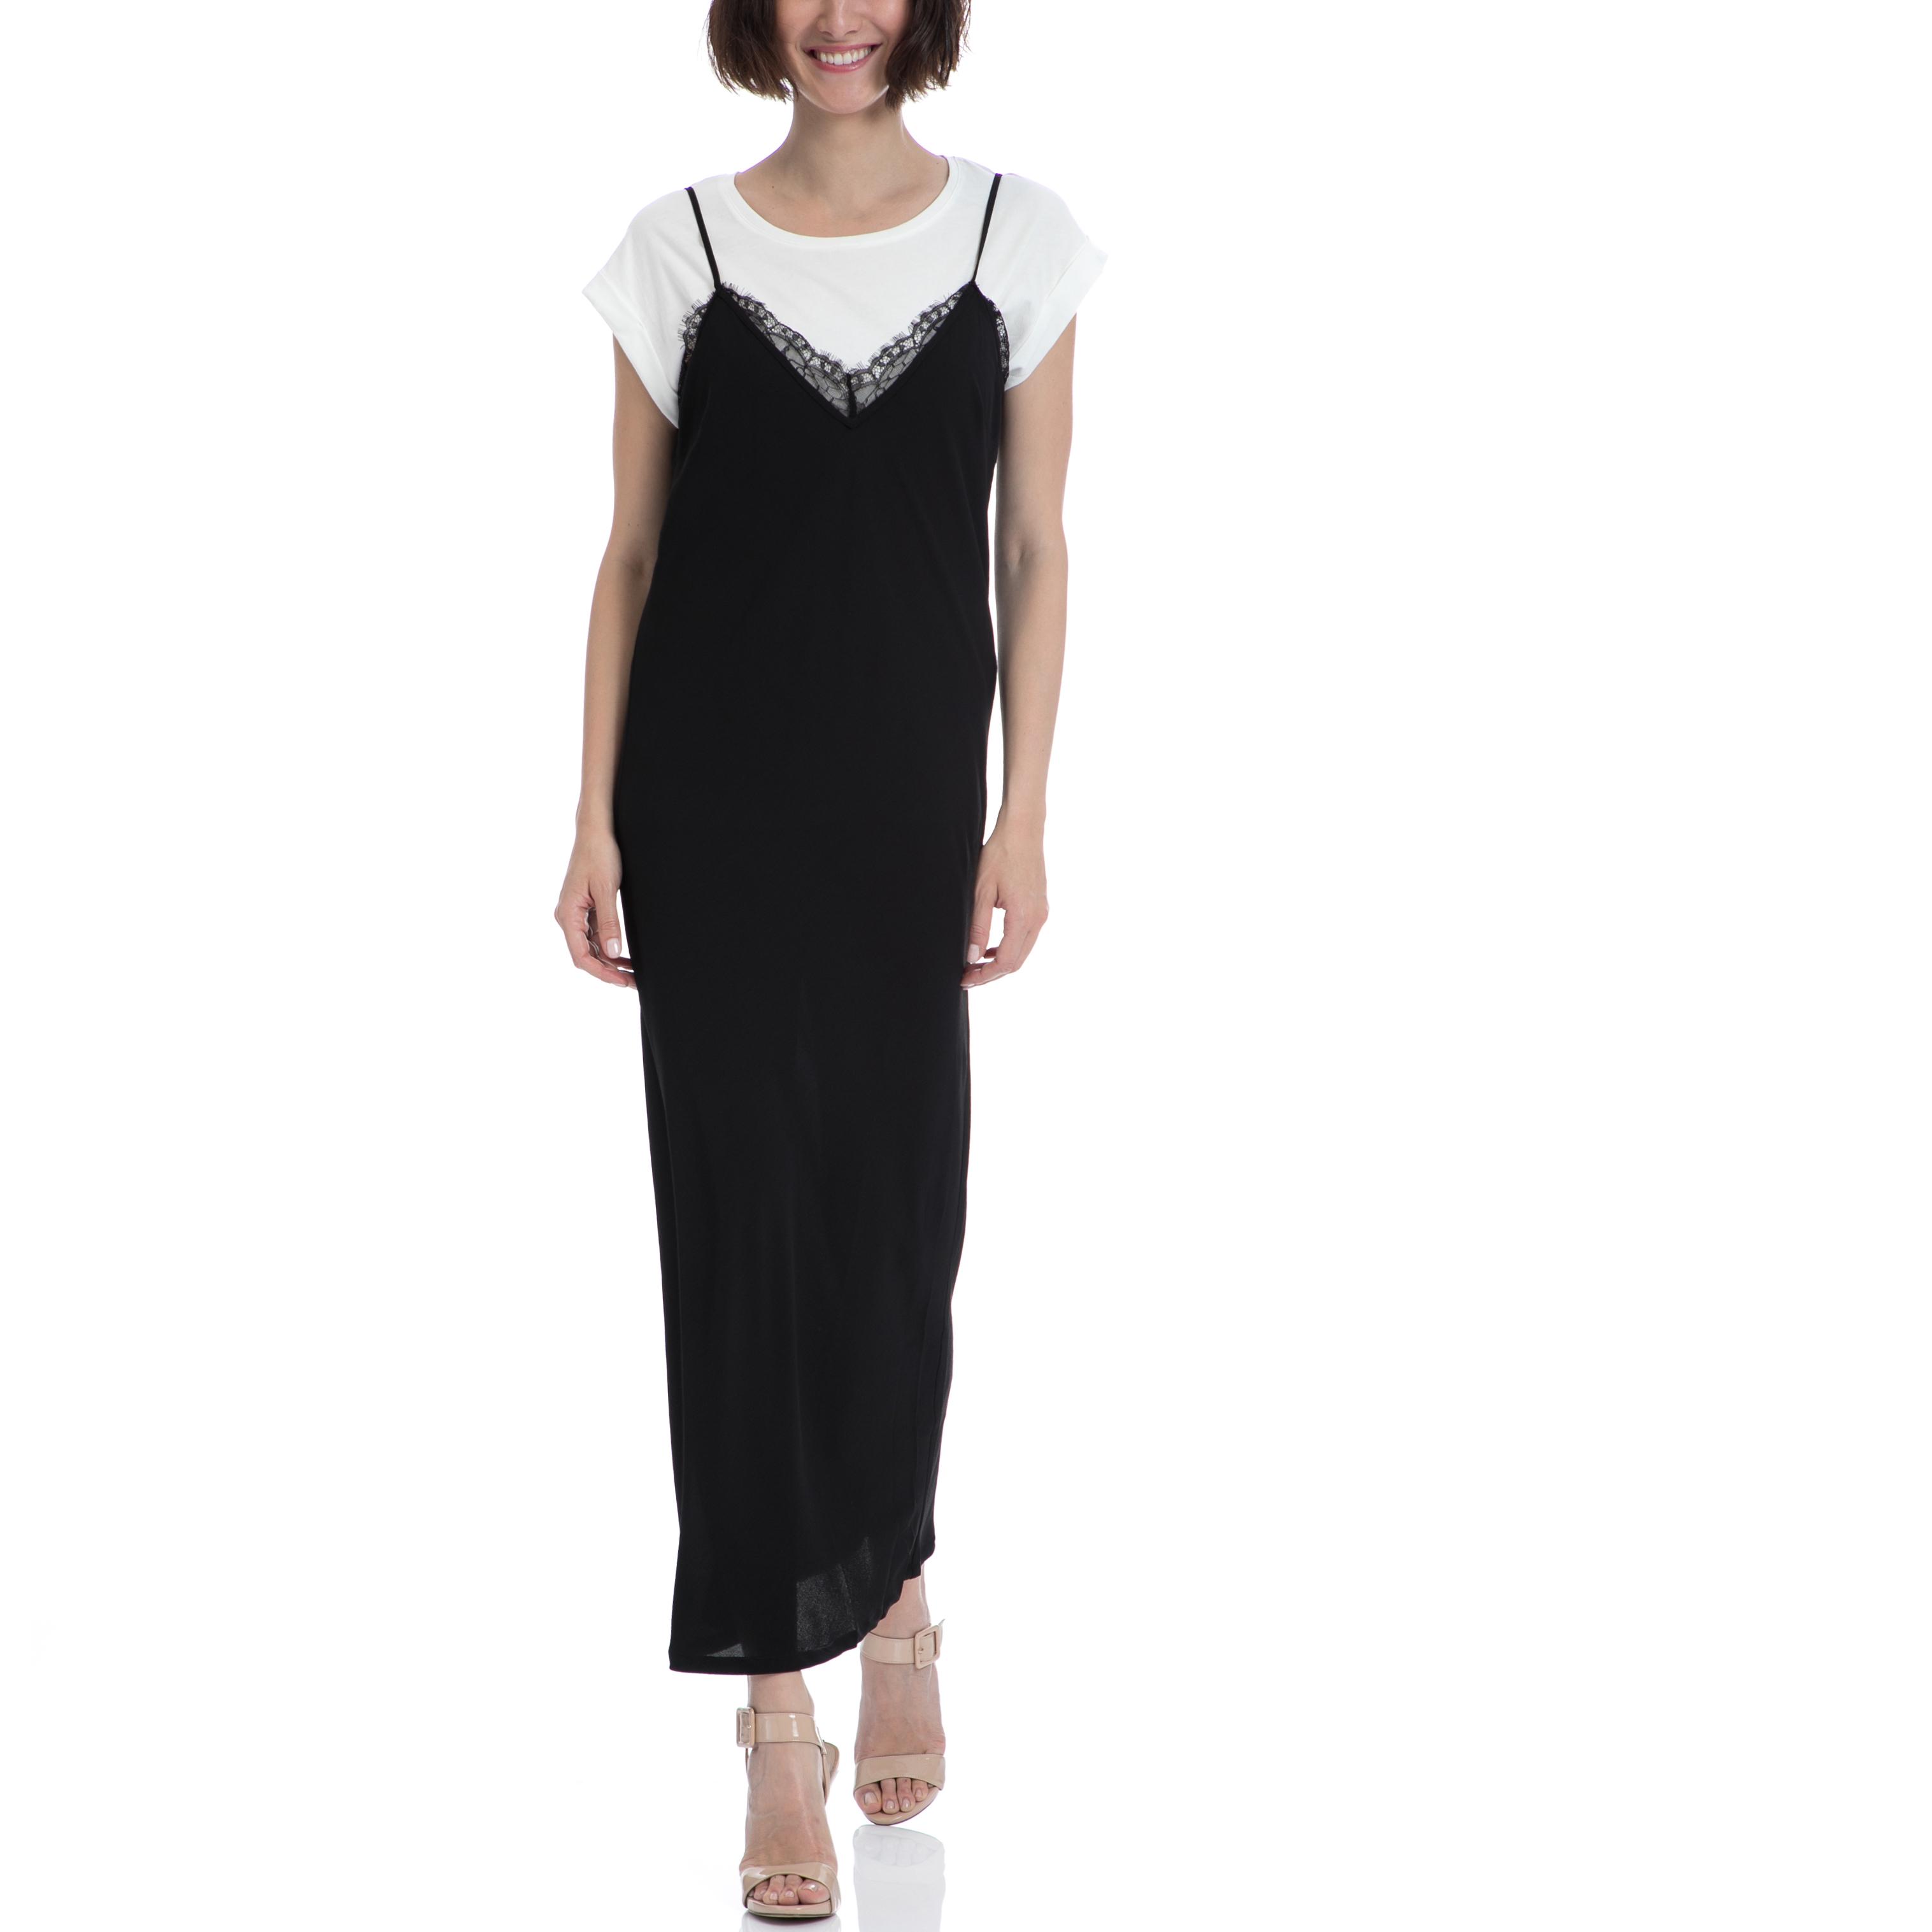 GARCIA JEANS - Γυναικείο φόρεμα Garcia Jeans μαύρο γυναικεία ρούχα φορέματα μάξι